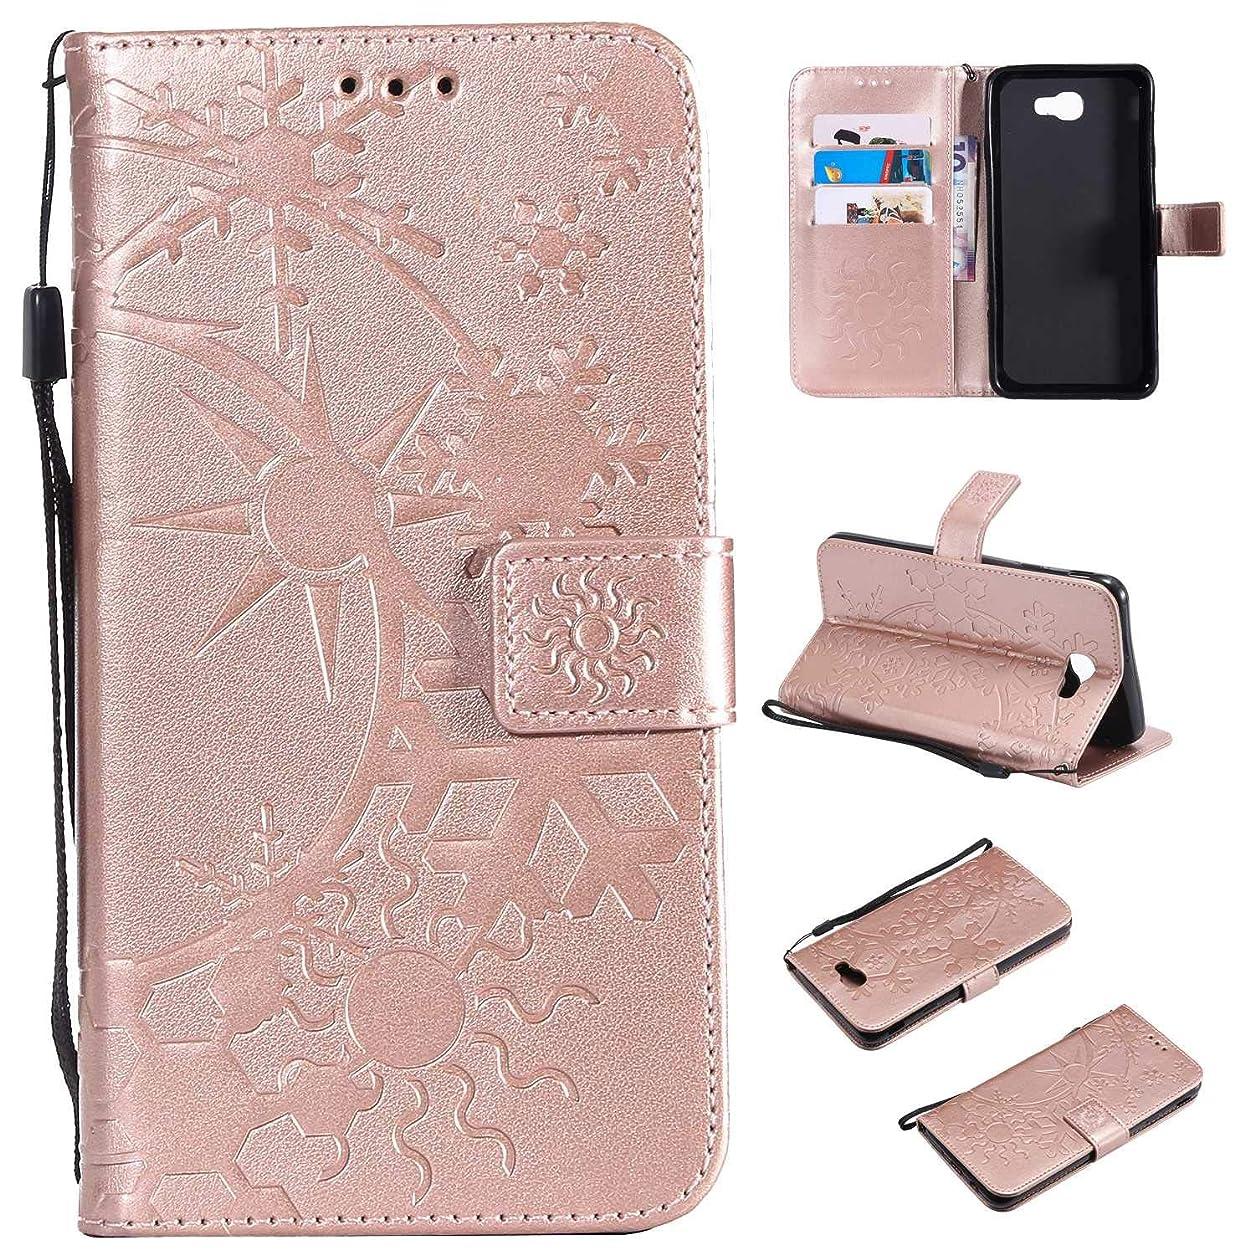 空港隣接参加するGalaxy J7 Prime ケース CUSKING 手帳型 ケース ストラップ付き かわいい 財布 カバー カードポケット付き Samsung ギャラクシー J7 Prime マジックアレイ ケース - ローズゴールド